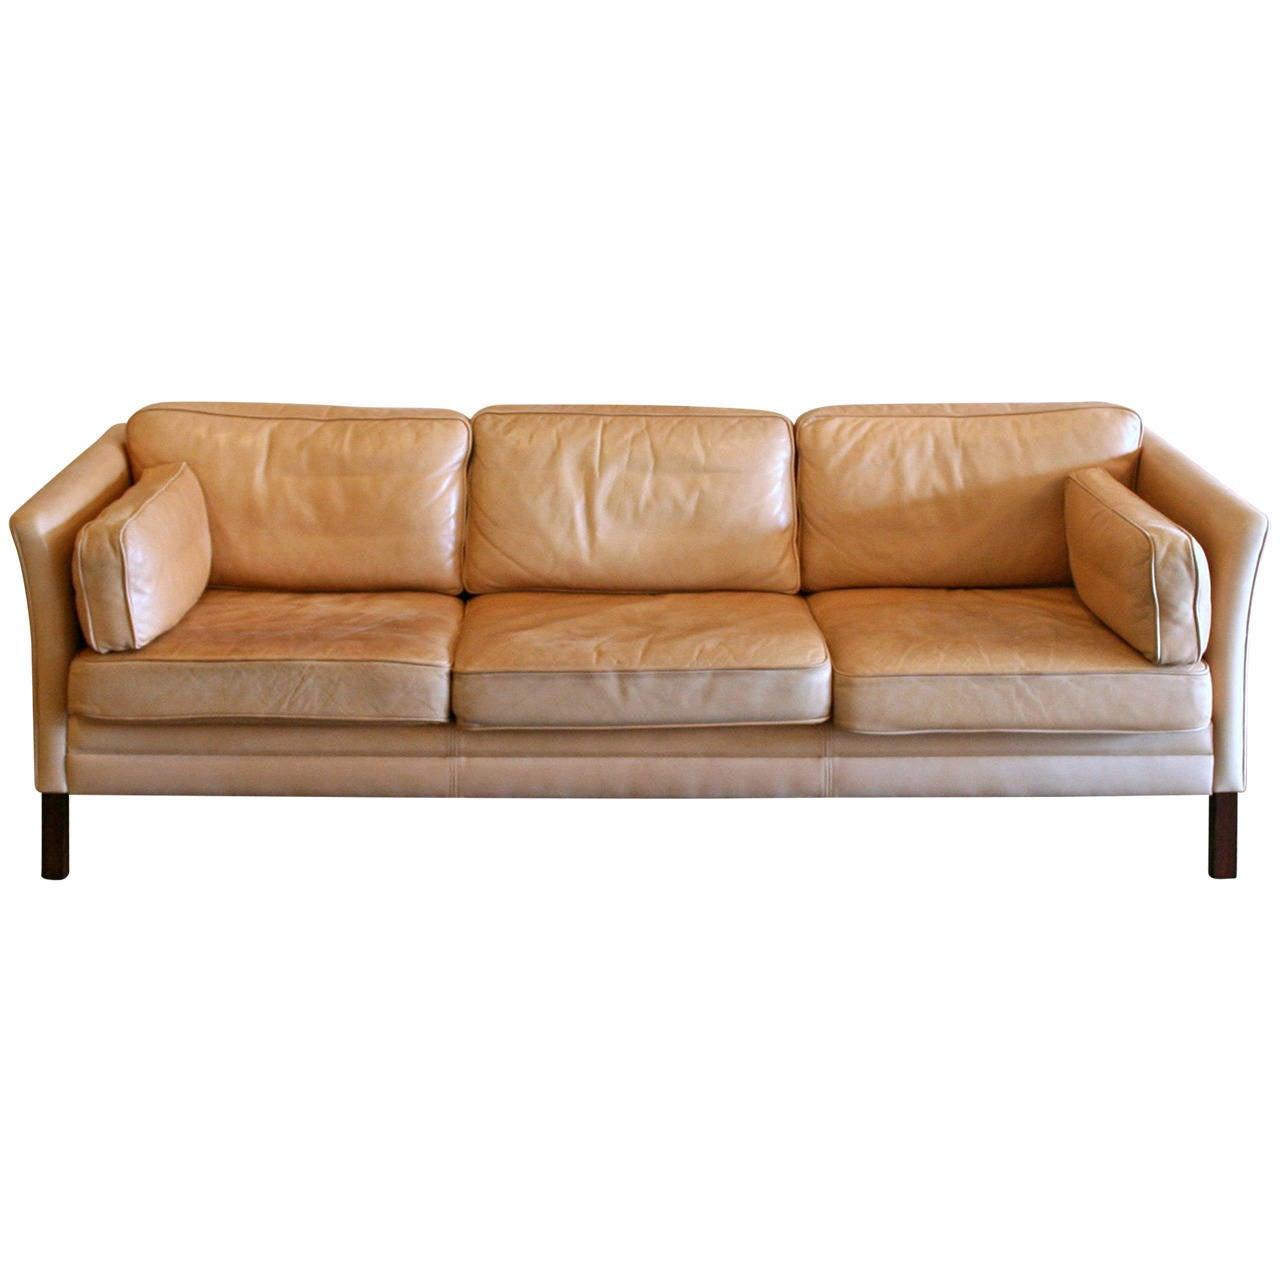 vintage danish leather three seat sofa at 1stdibs